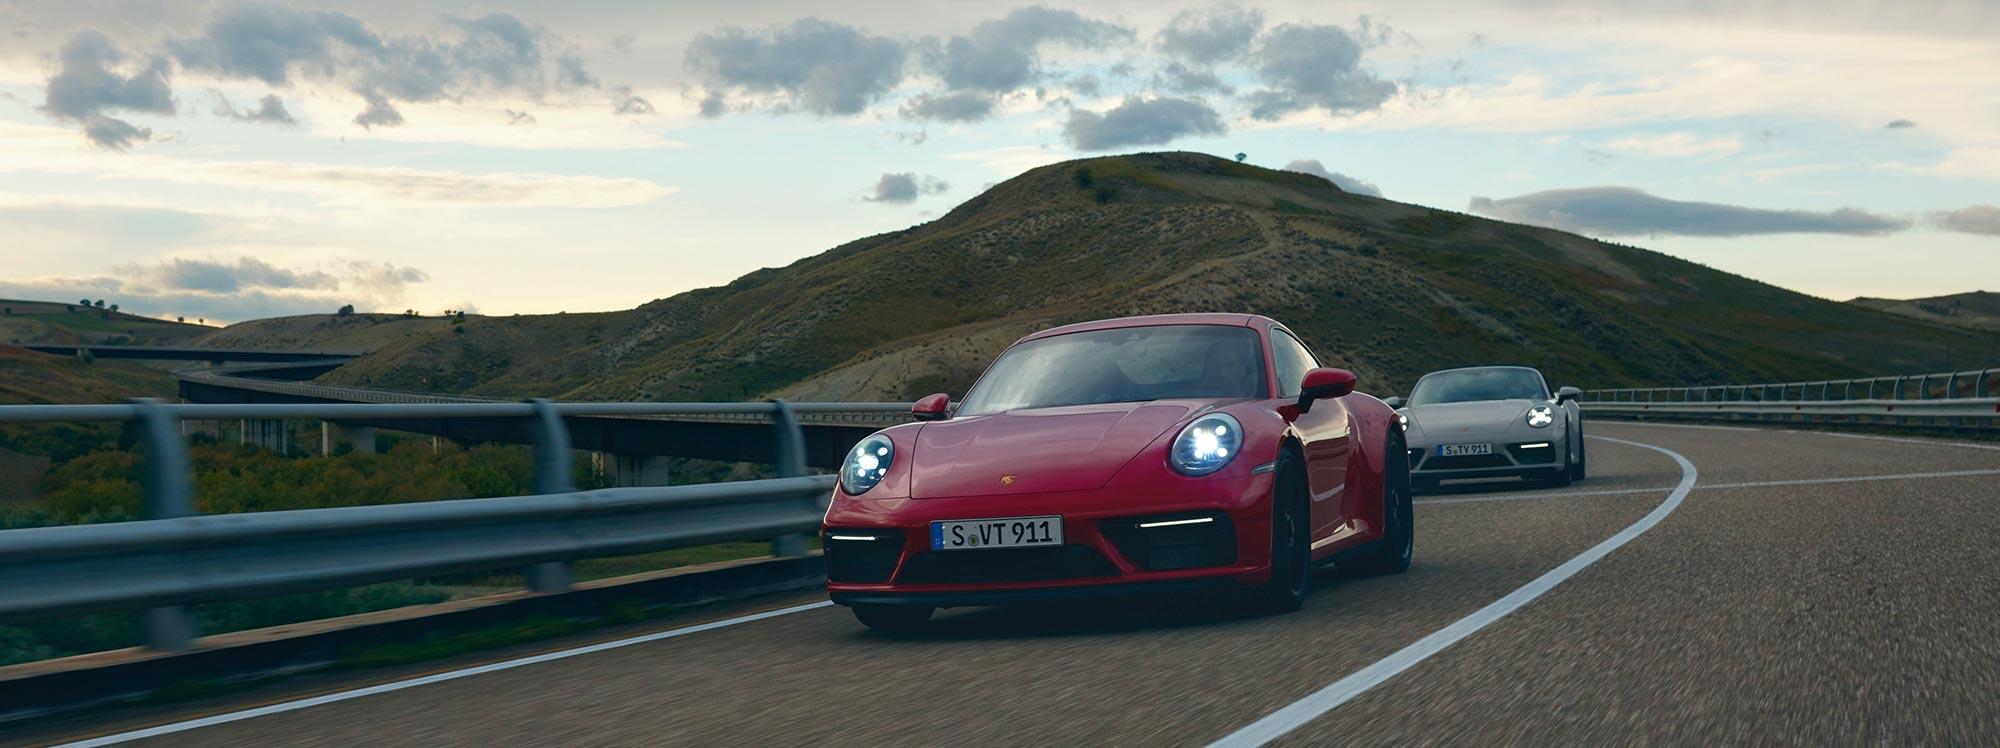 ¿Cuál es el modelo más distintivo de Porsche?